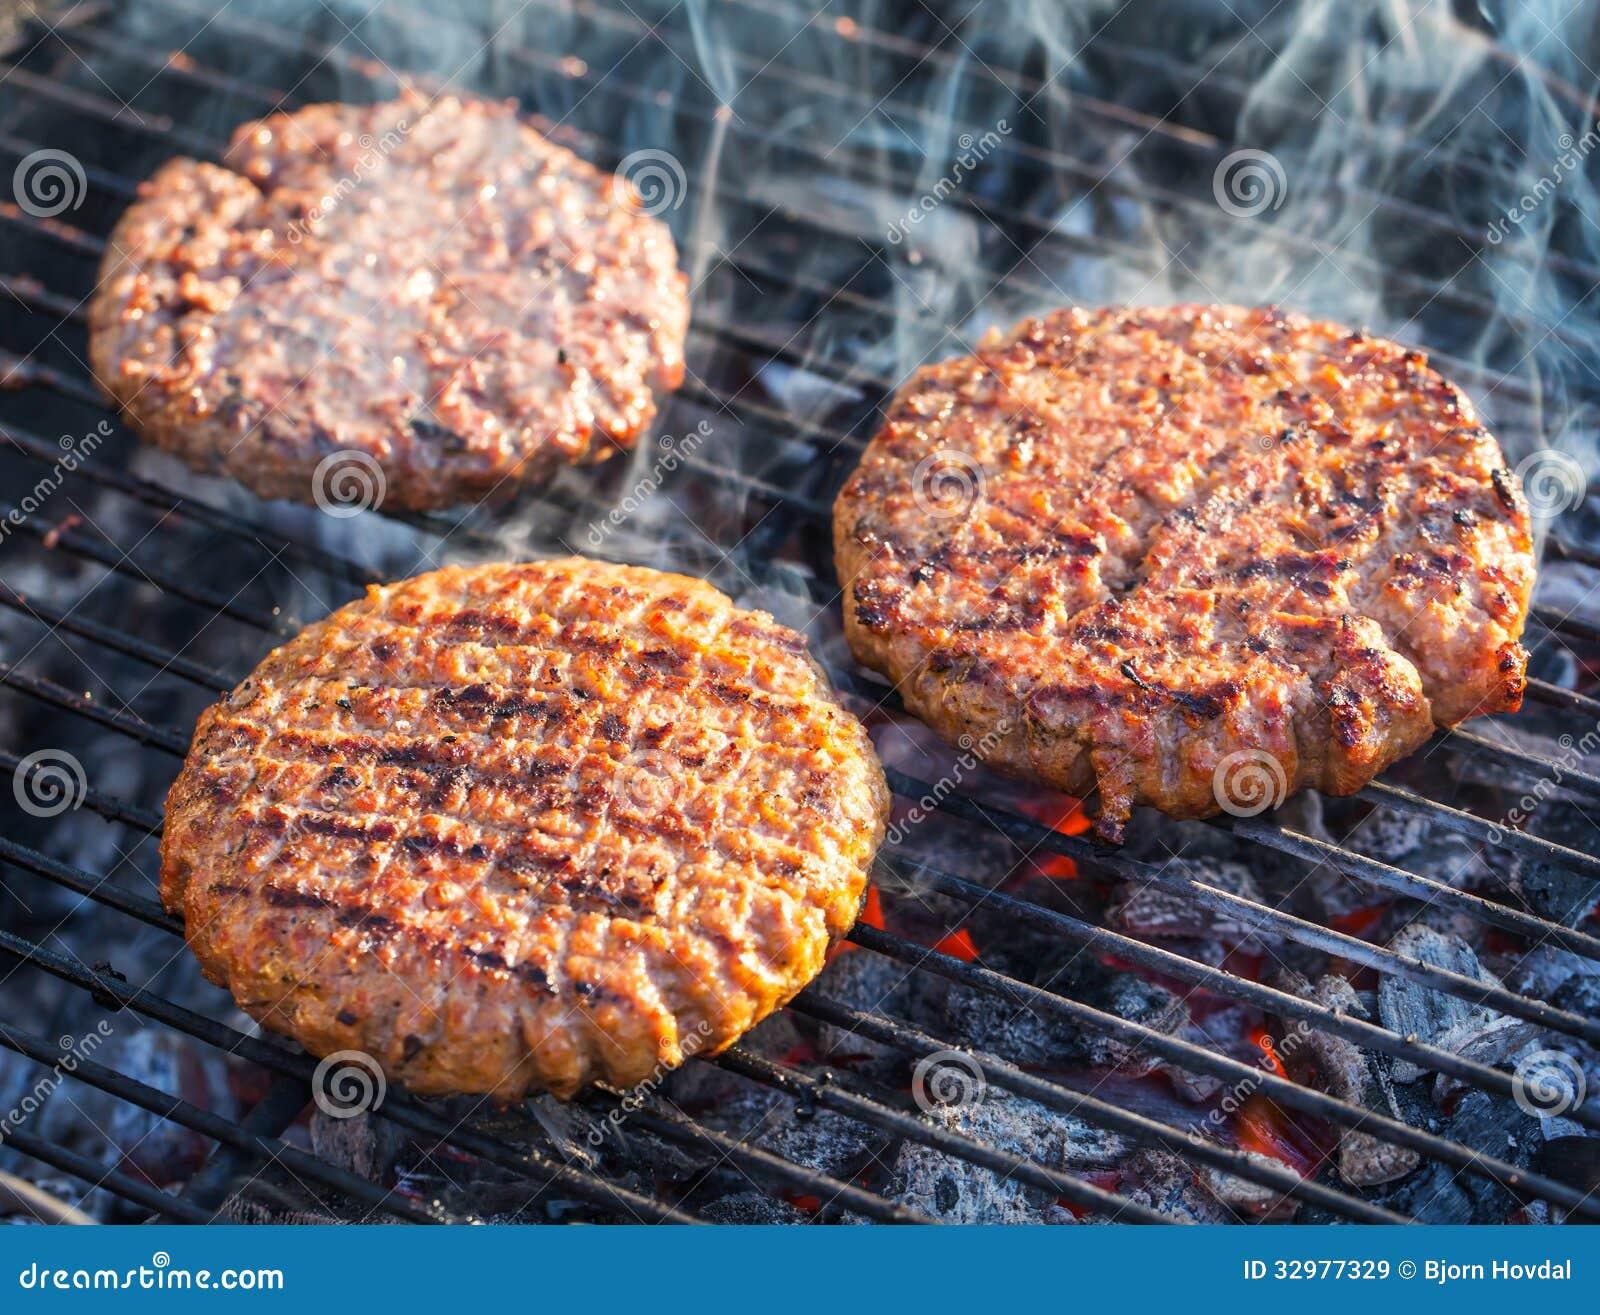 Hamburger na grade